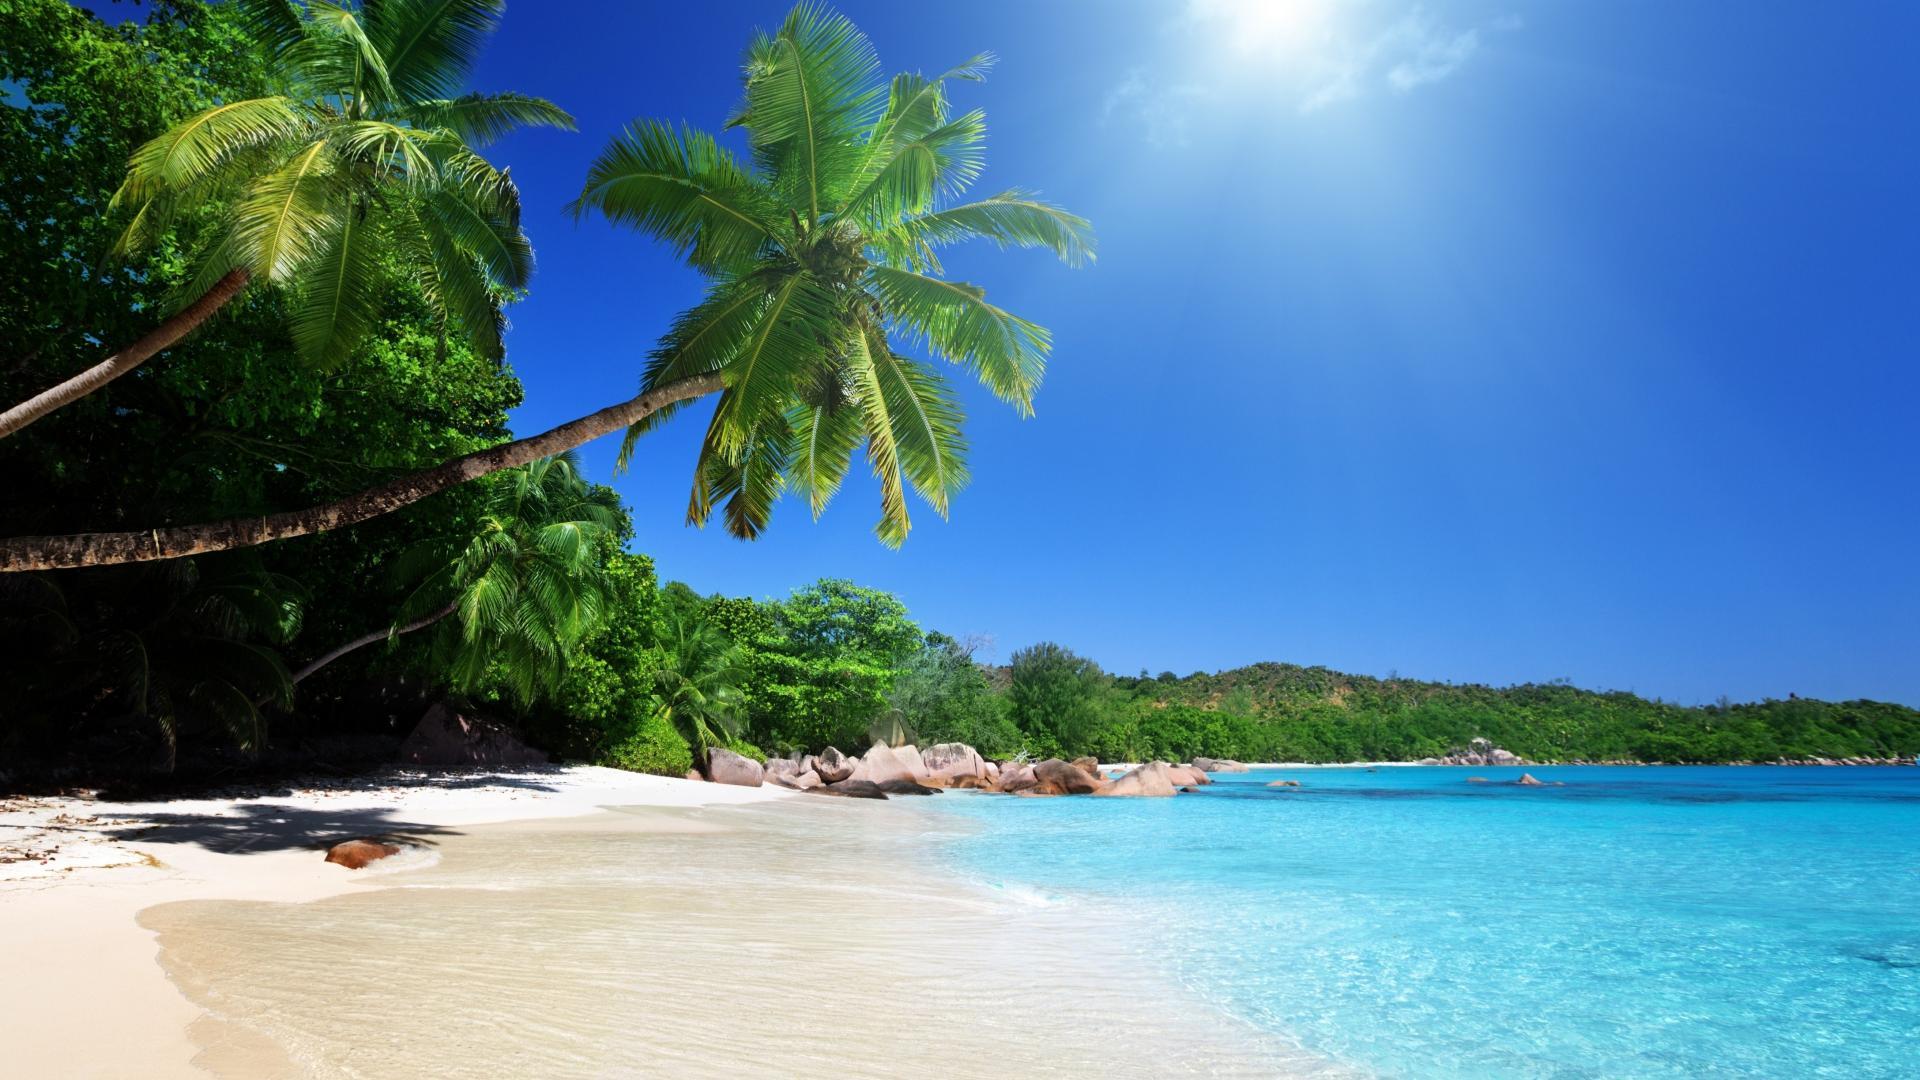 Tropical beach wallpaper   (29993)